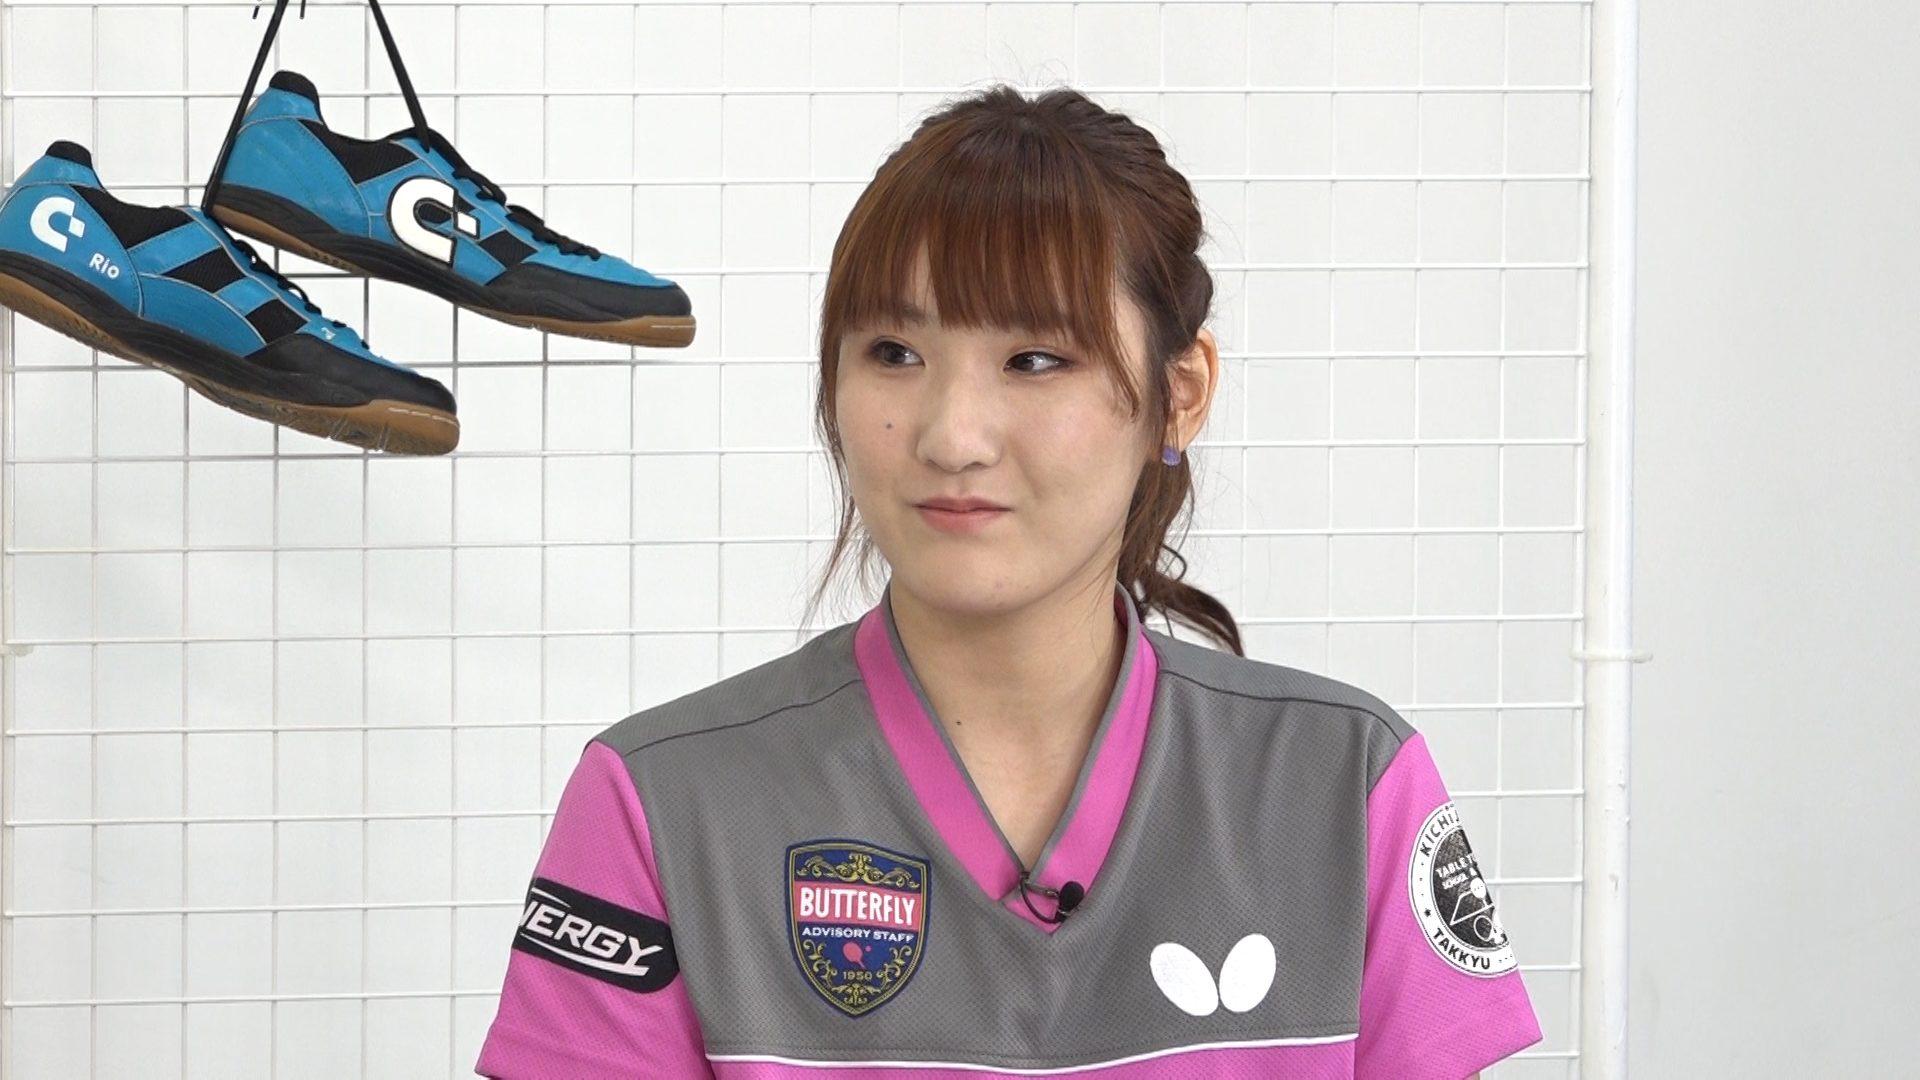 加藤美優が古田敦也にミユータをお見舞い!本日放送の『スポーツクロス』に出演